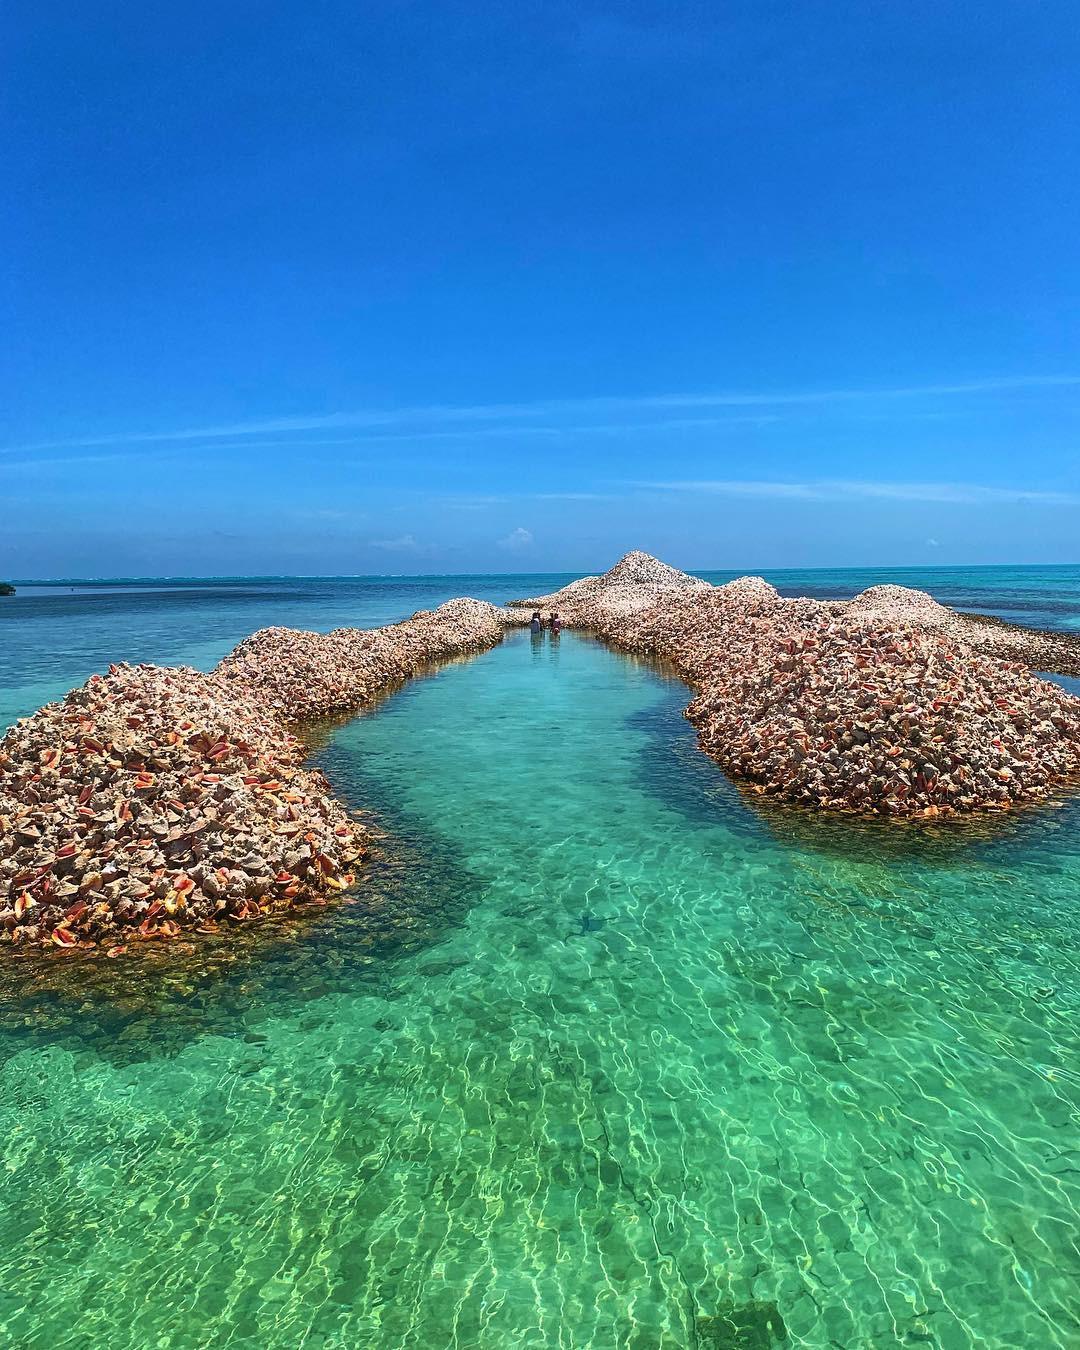 Hoá ra, hòn đảo ăn ốc đổ vỏ là có thật: Mới nhìn hình thôi mà đã thấy nhức chân lắm rồi! - Ảnh 7.